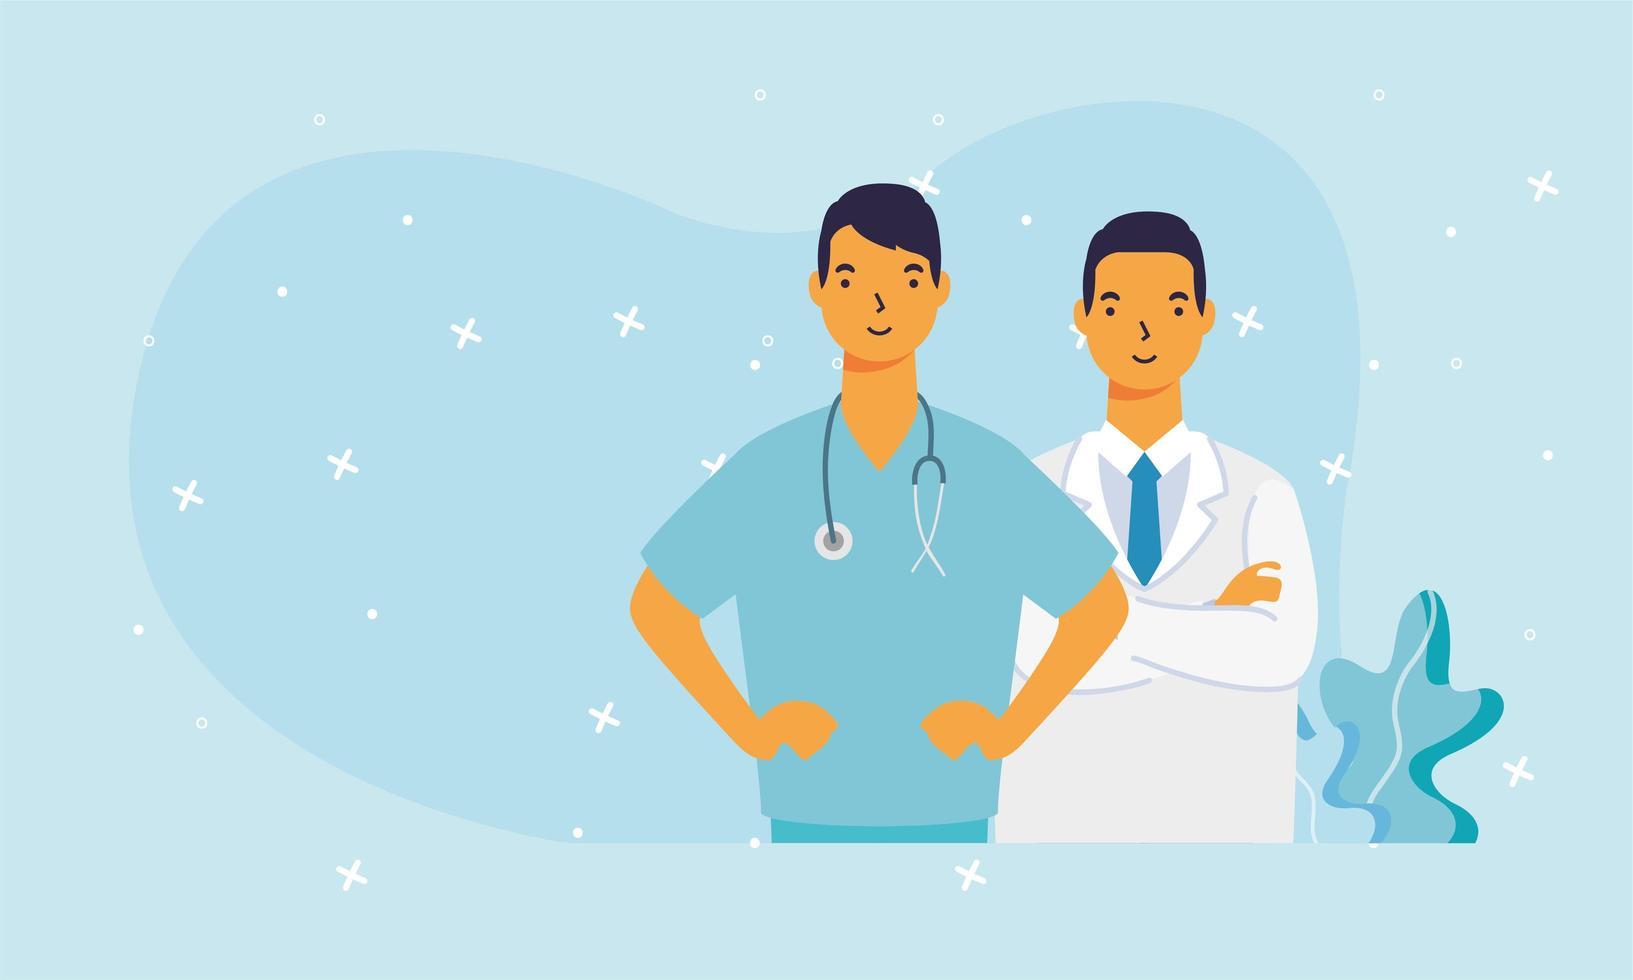 manliga läkare med uniformsvektordesign vektor